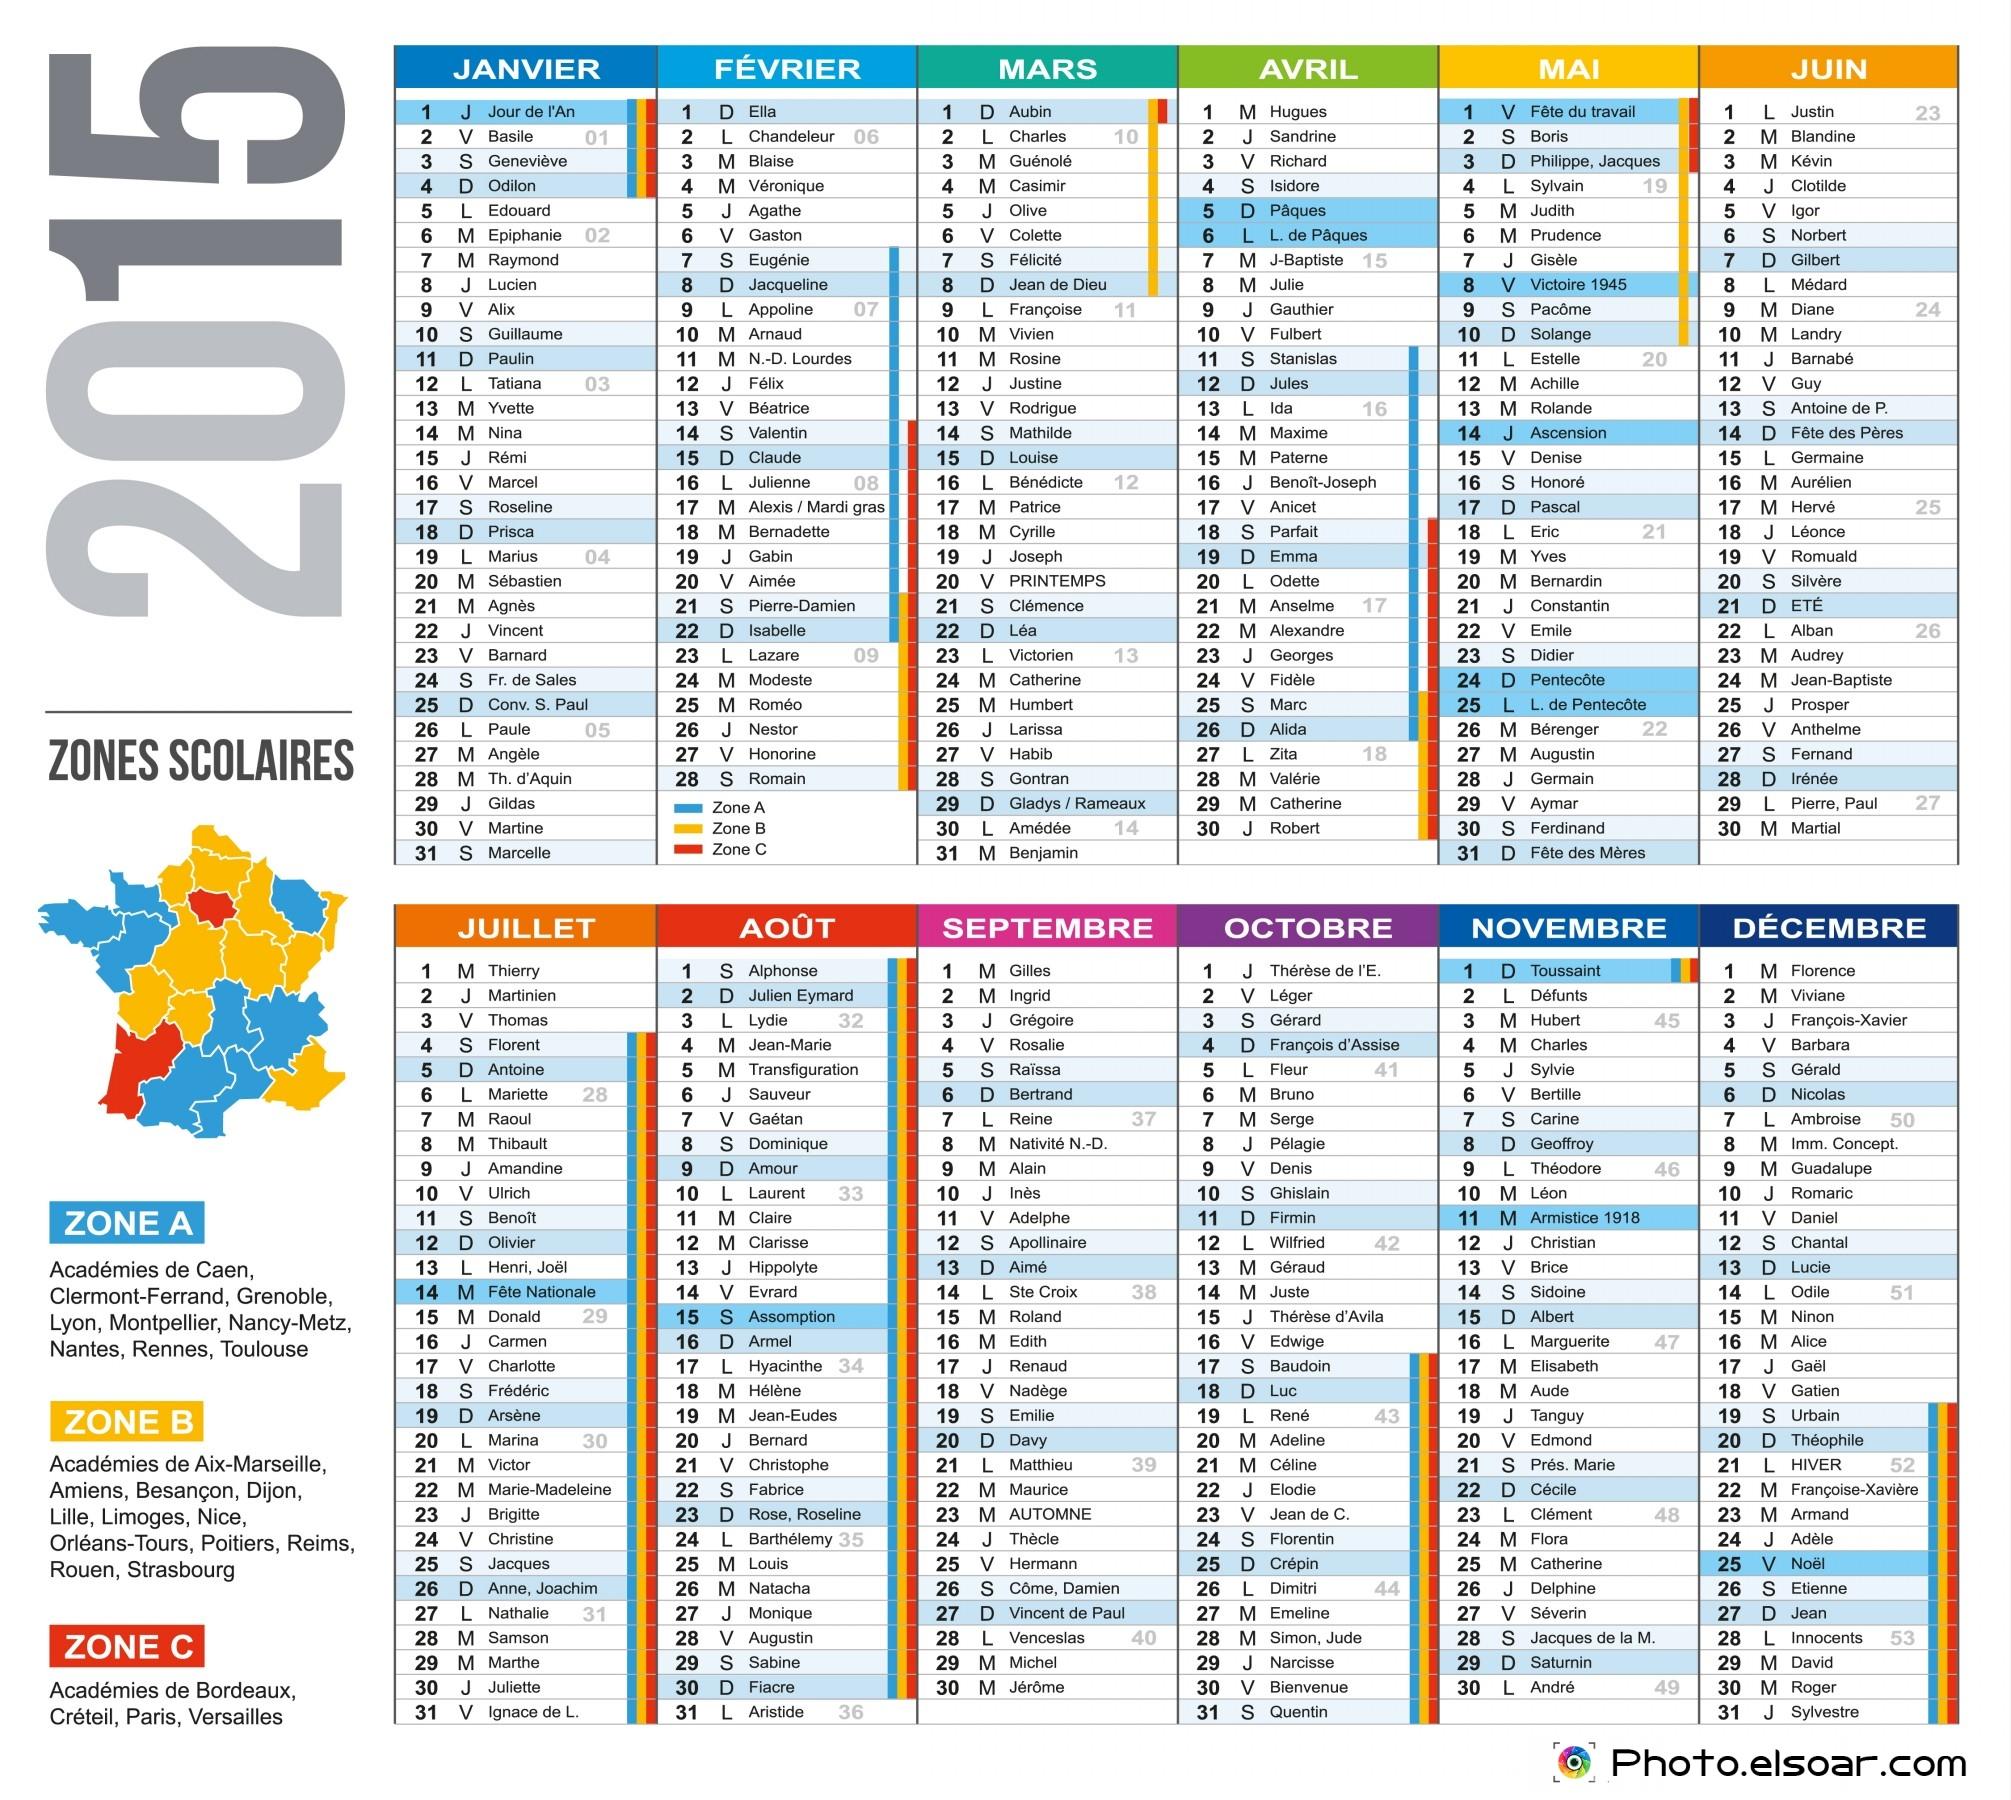 2015 French Calendar Templates & Images • Elsoar